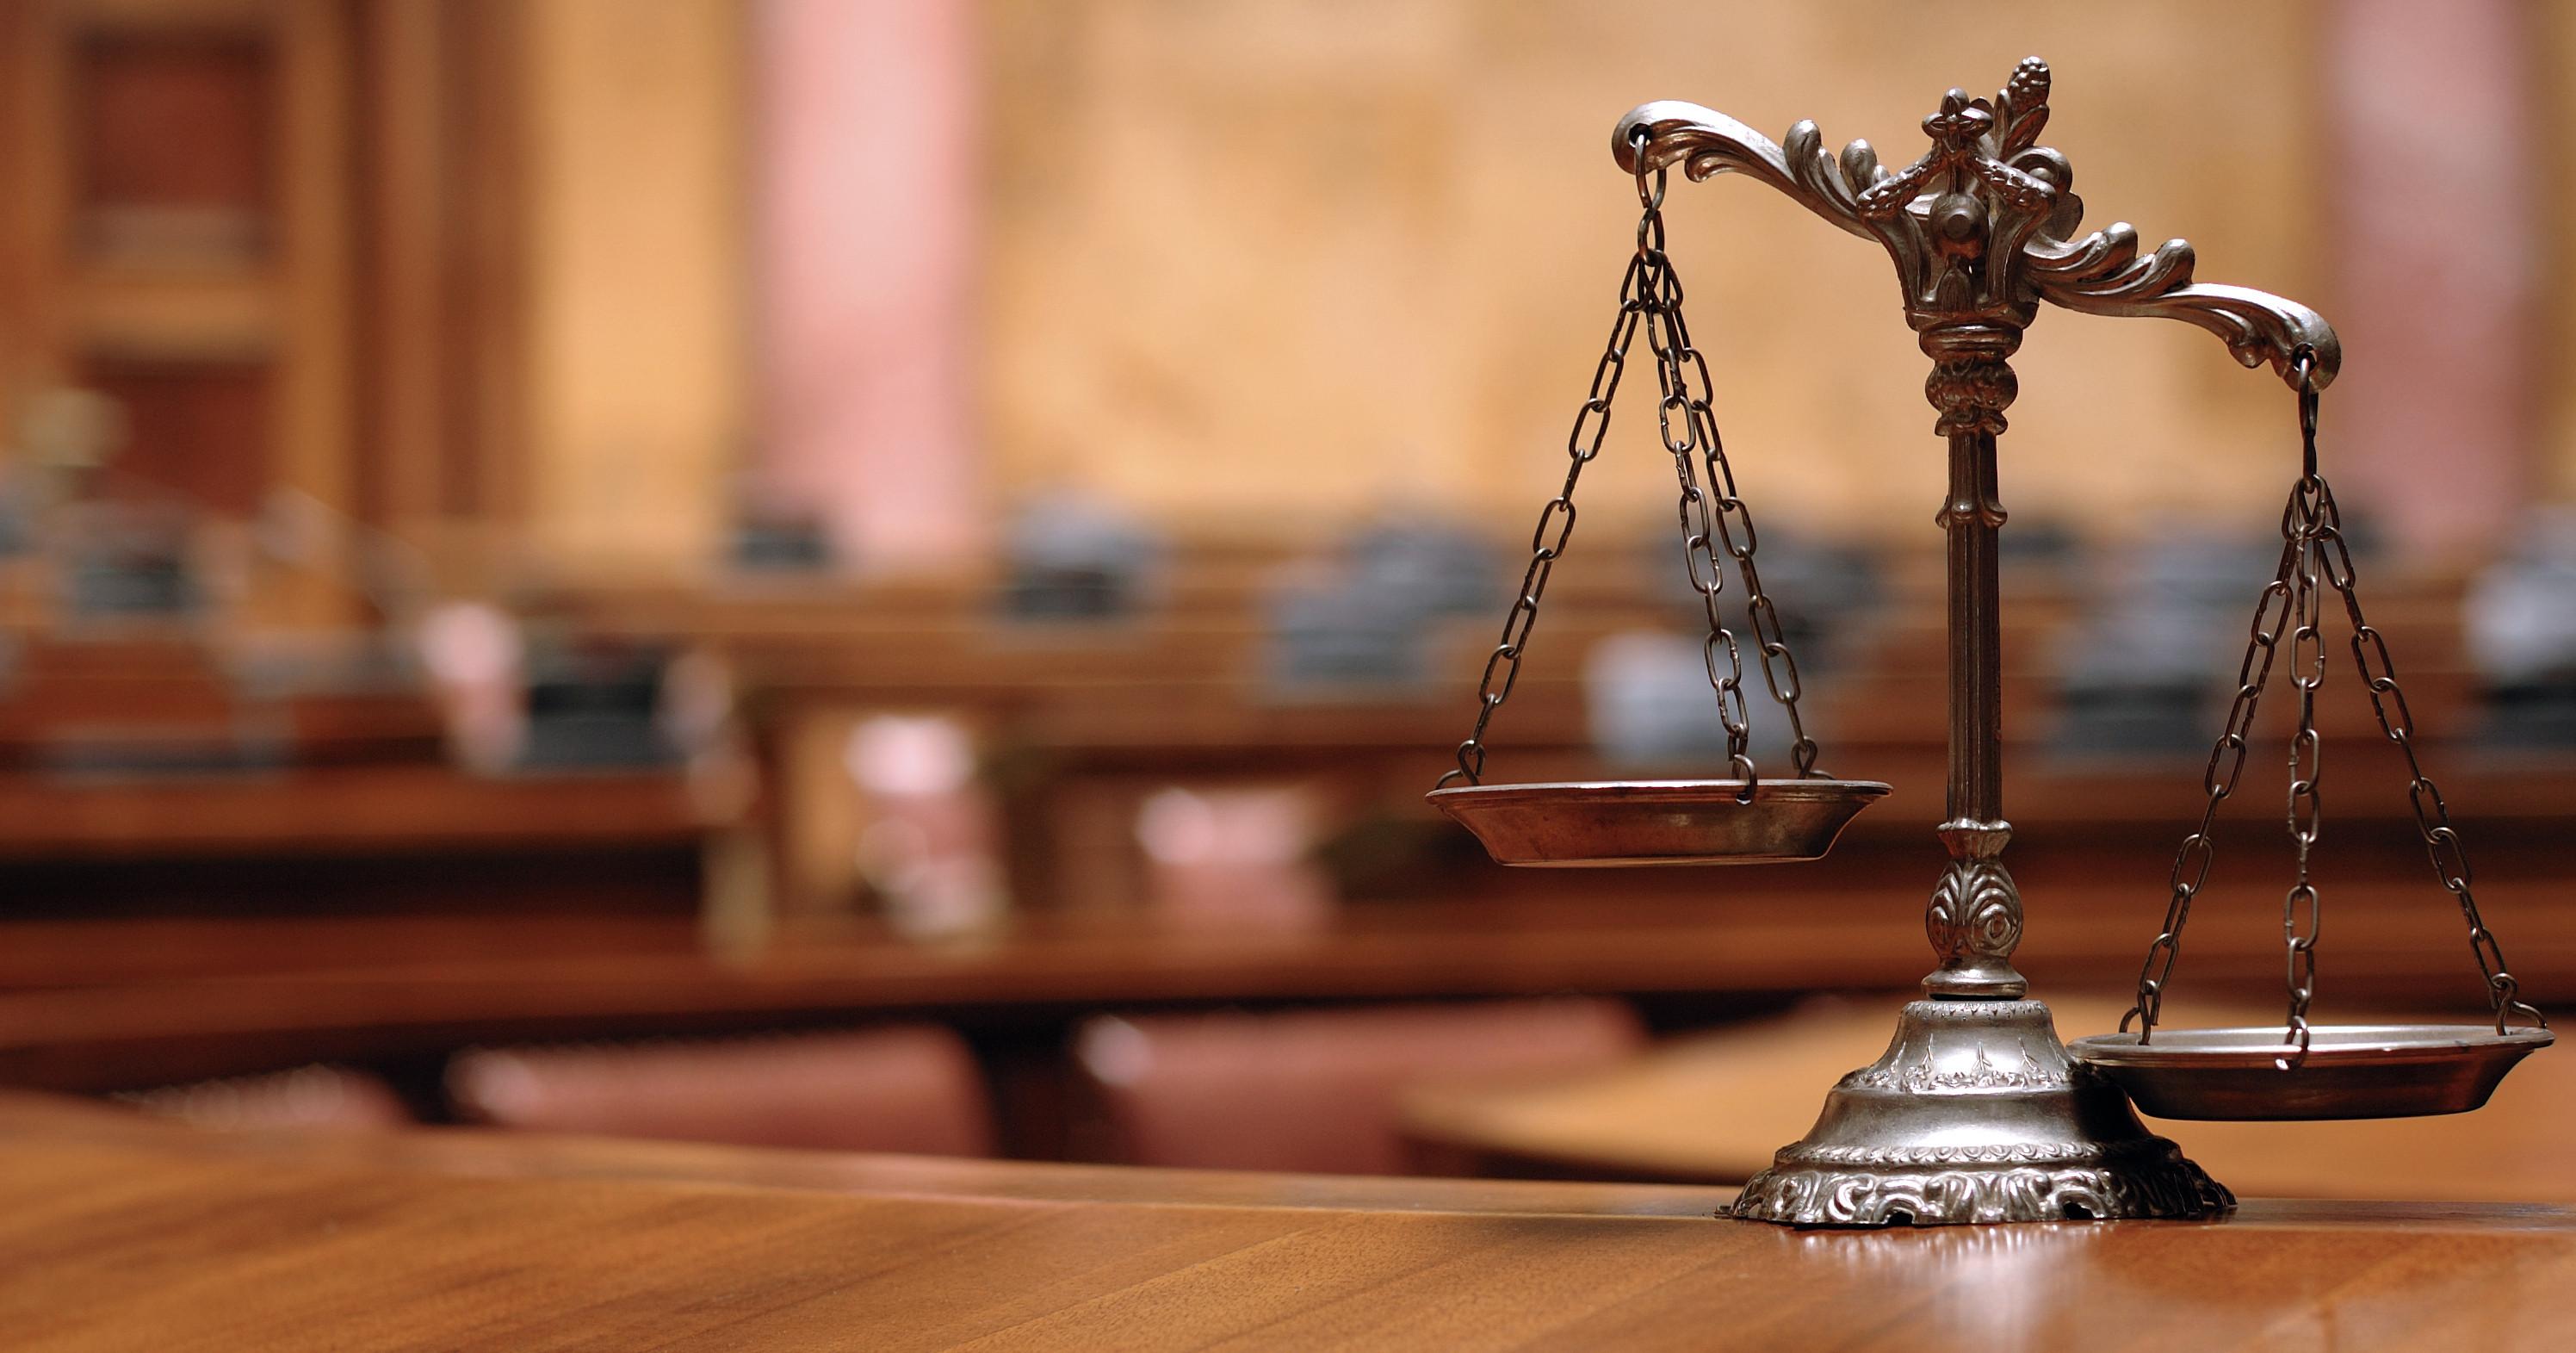 Právne rady pre tvoj business #5: Novinky v legislatíve 2016